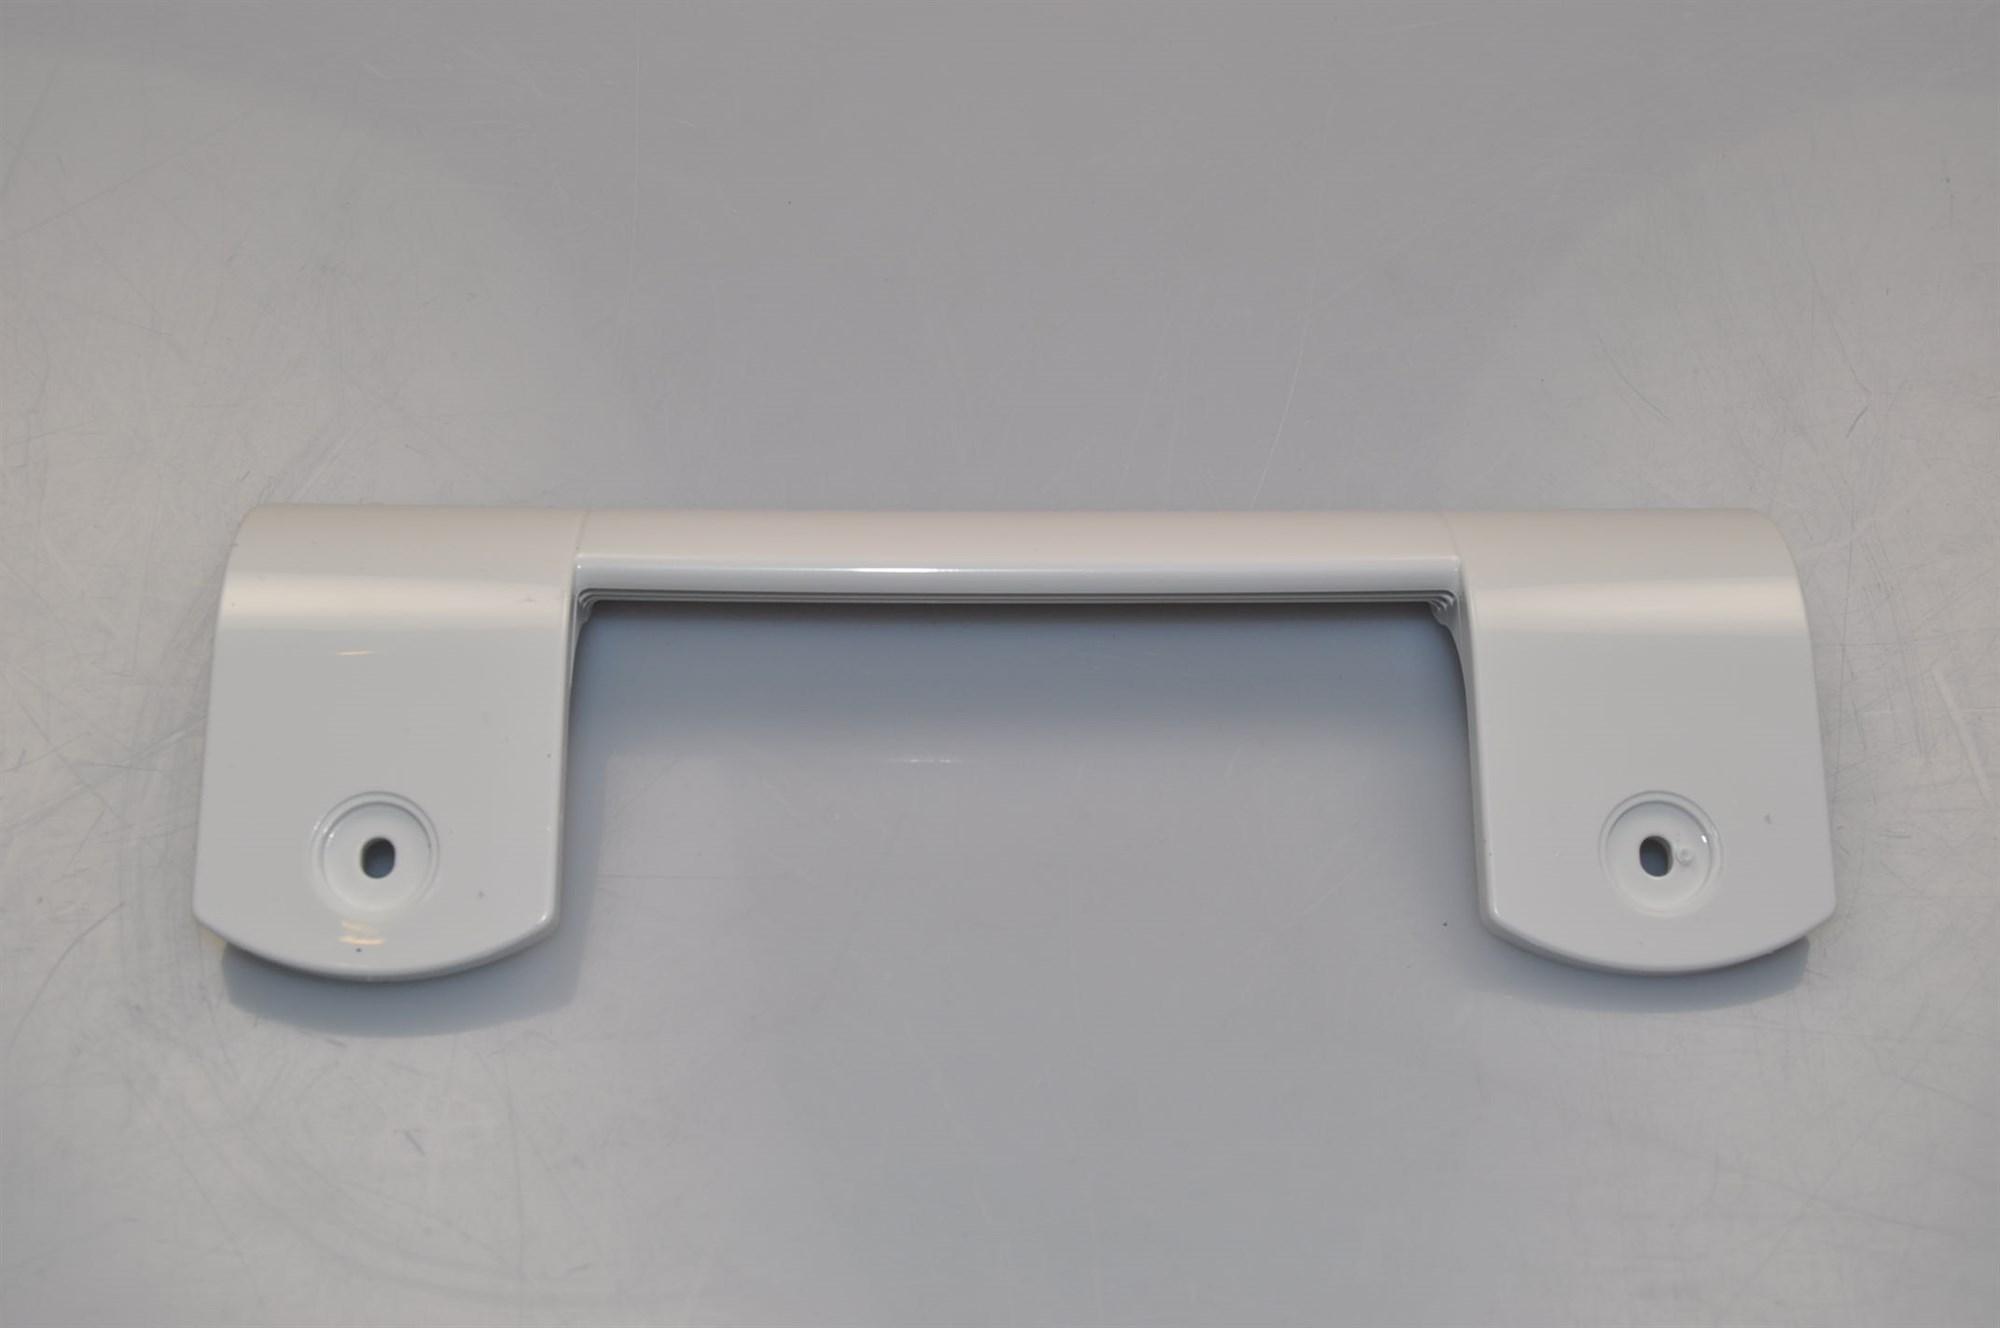 Retro Kühlschrank Griff : Gorenje kühlschrank türgriff technik von gorenje bei i love tec